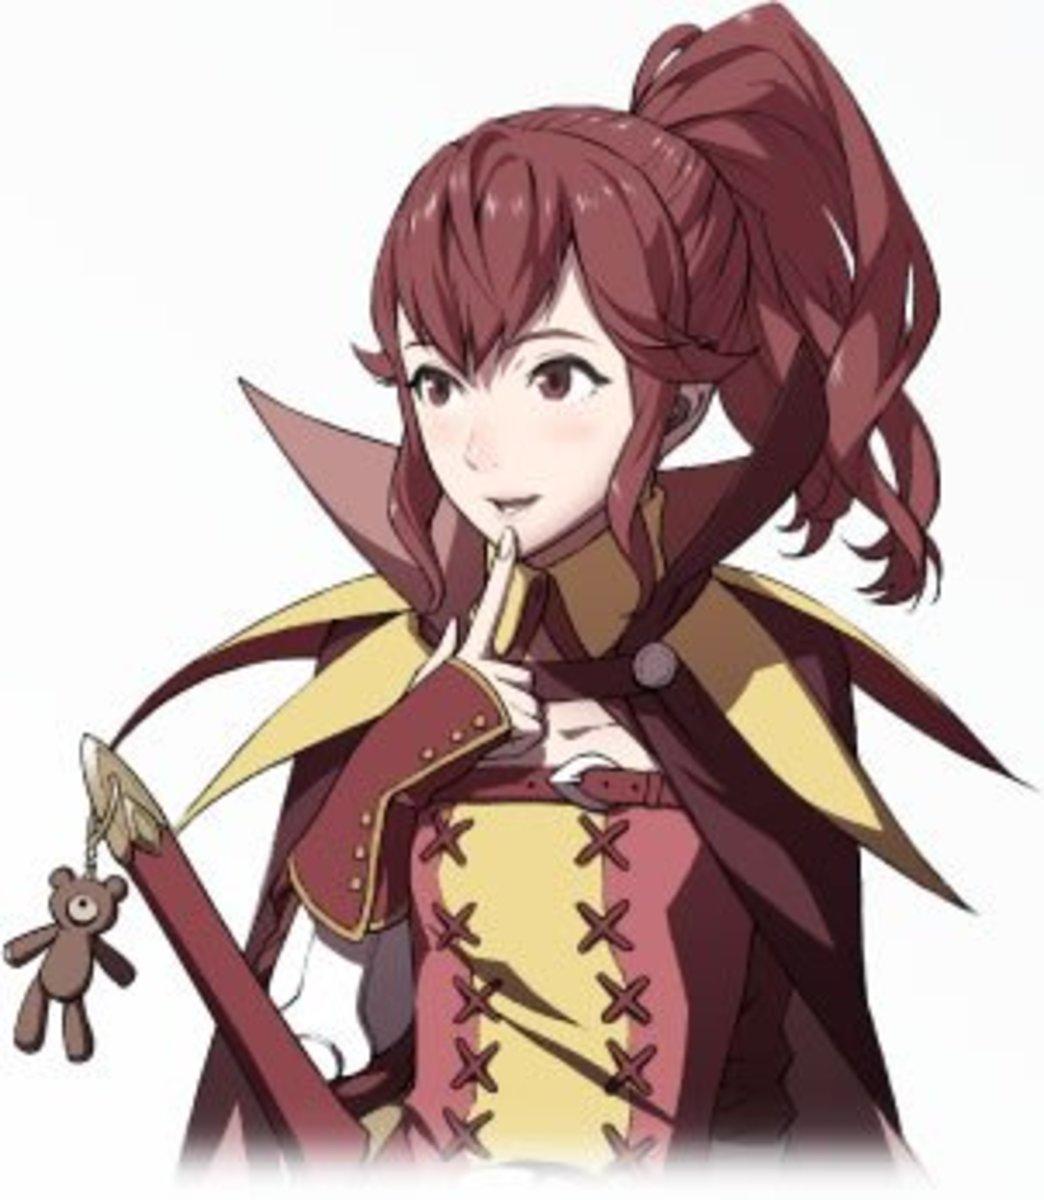 Fire Emblem: Awakening Units - Anna Info